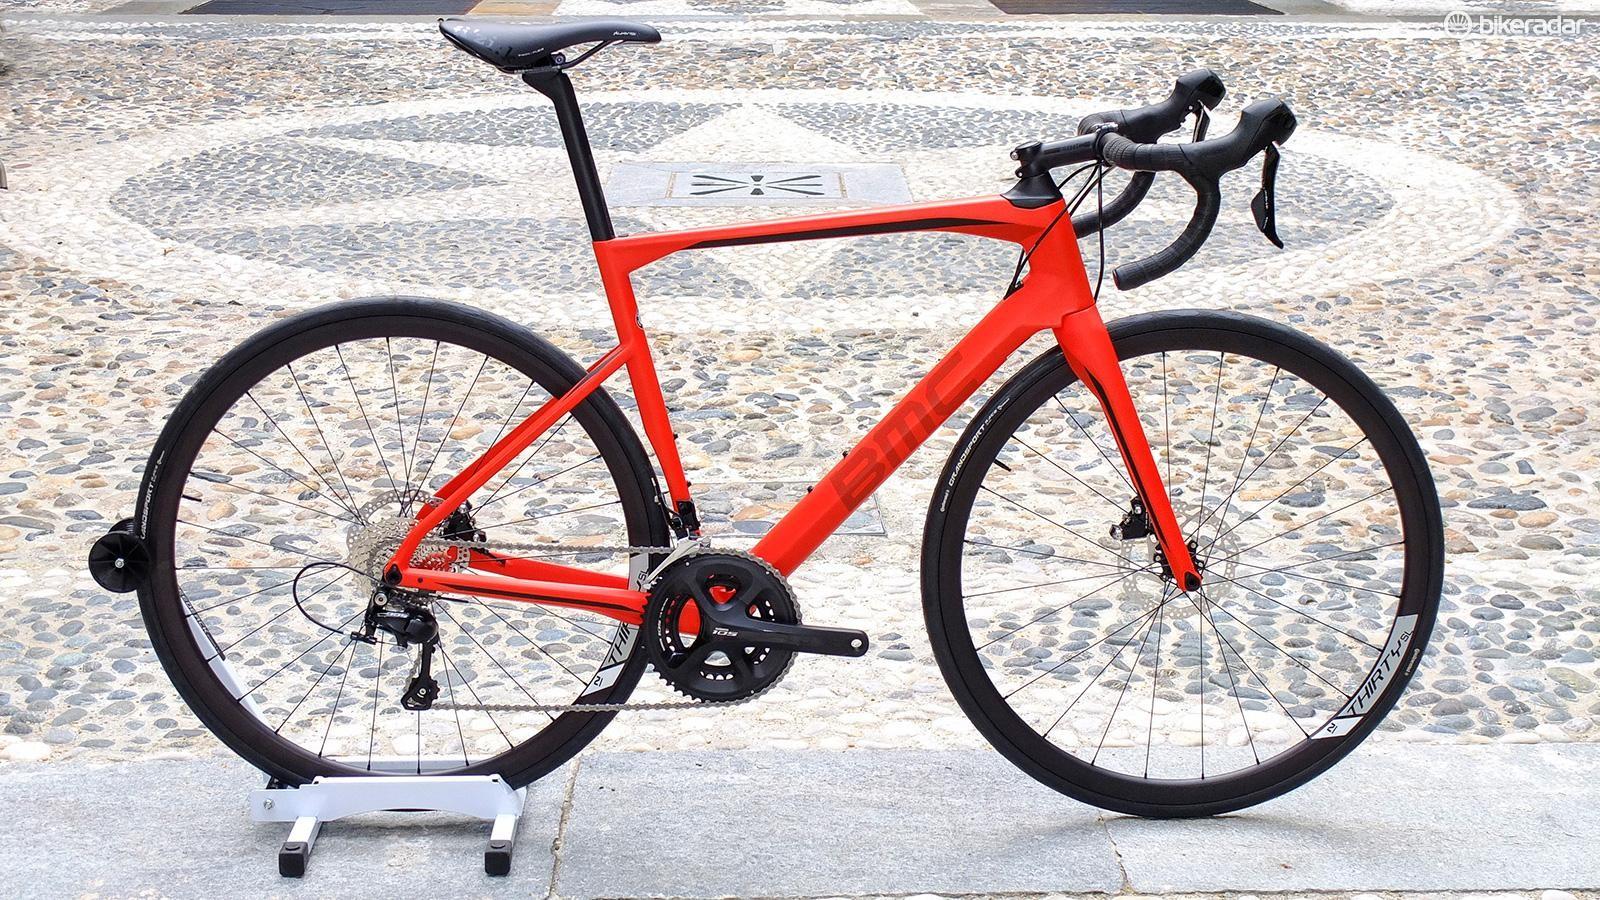 Roadmachine 02 105 in Super Red